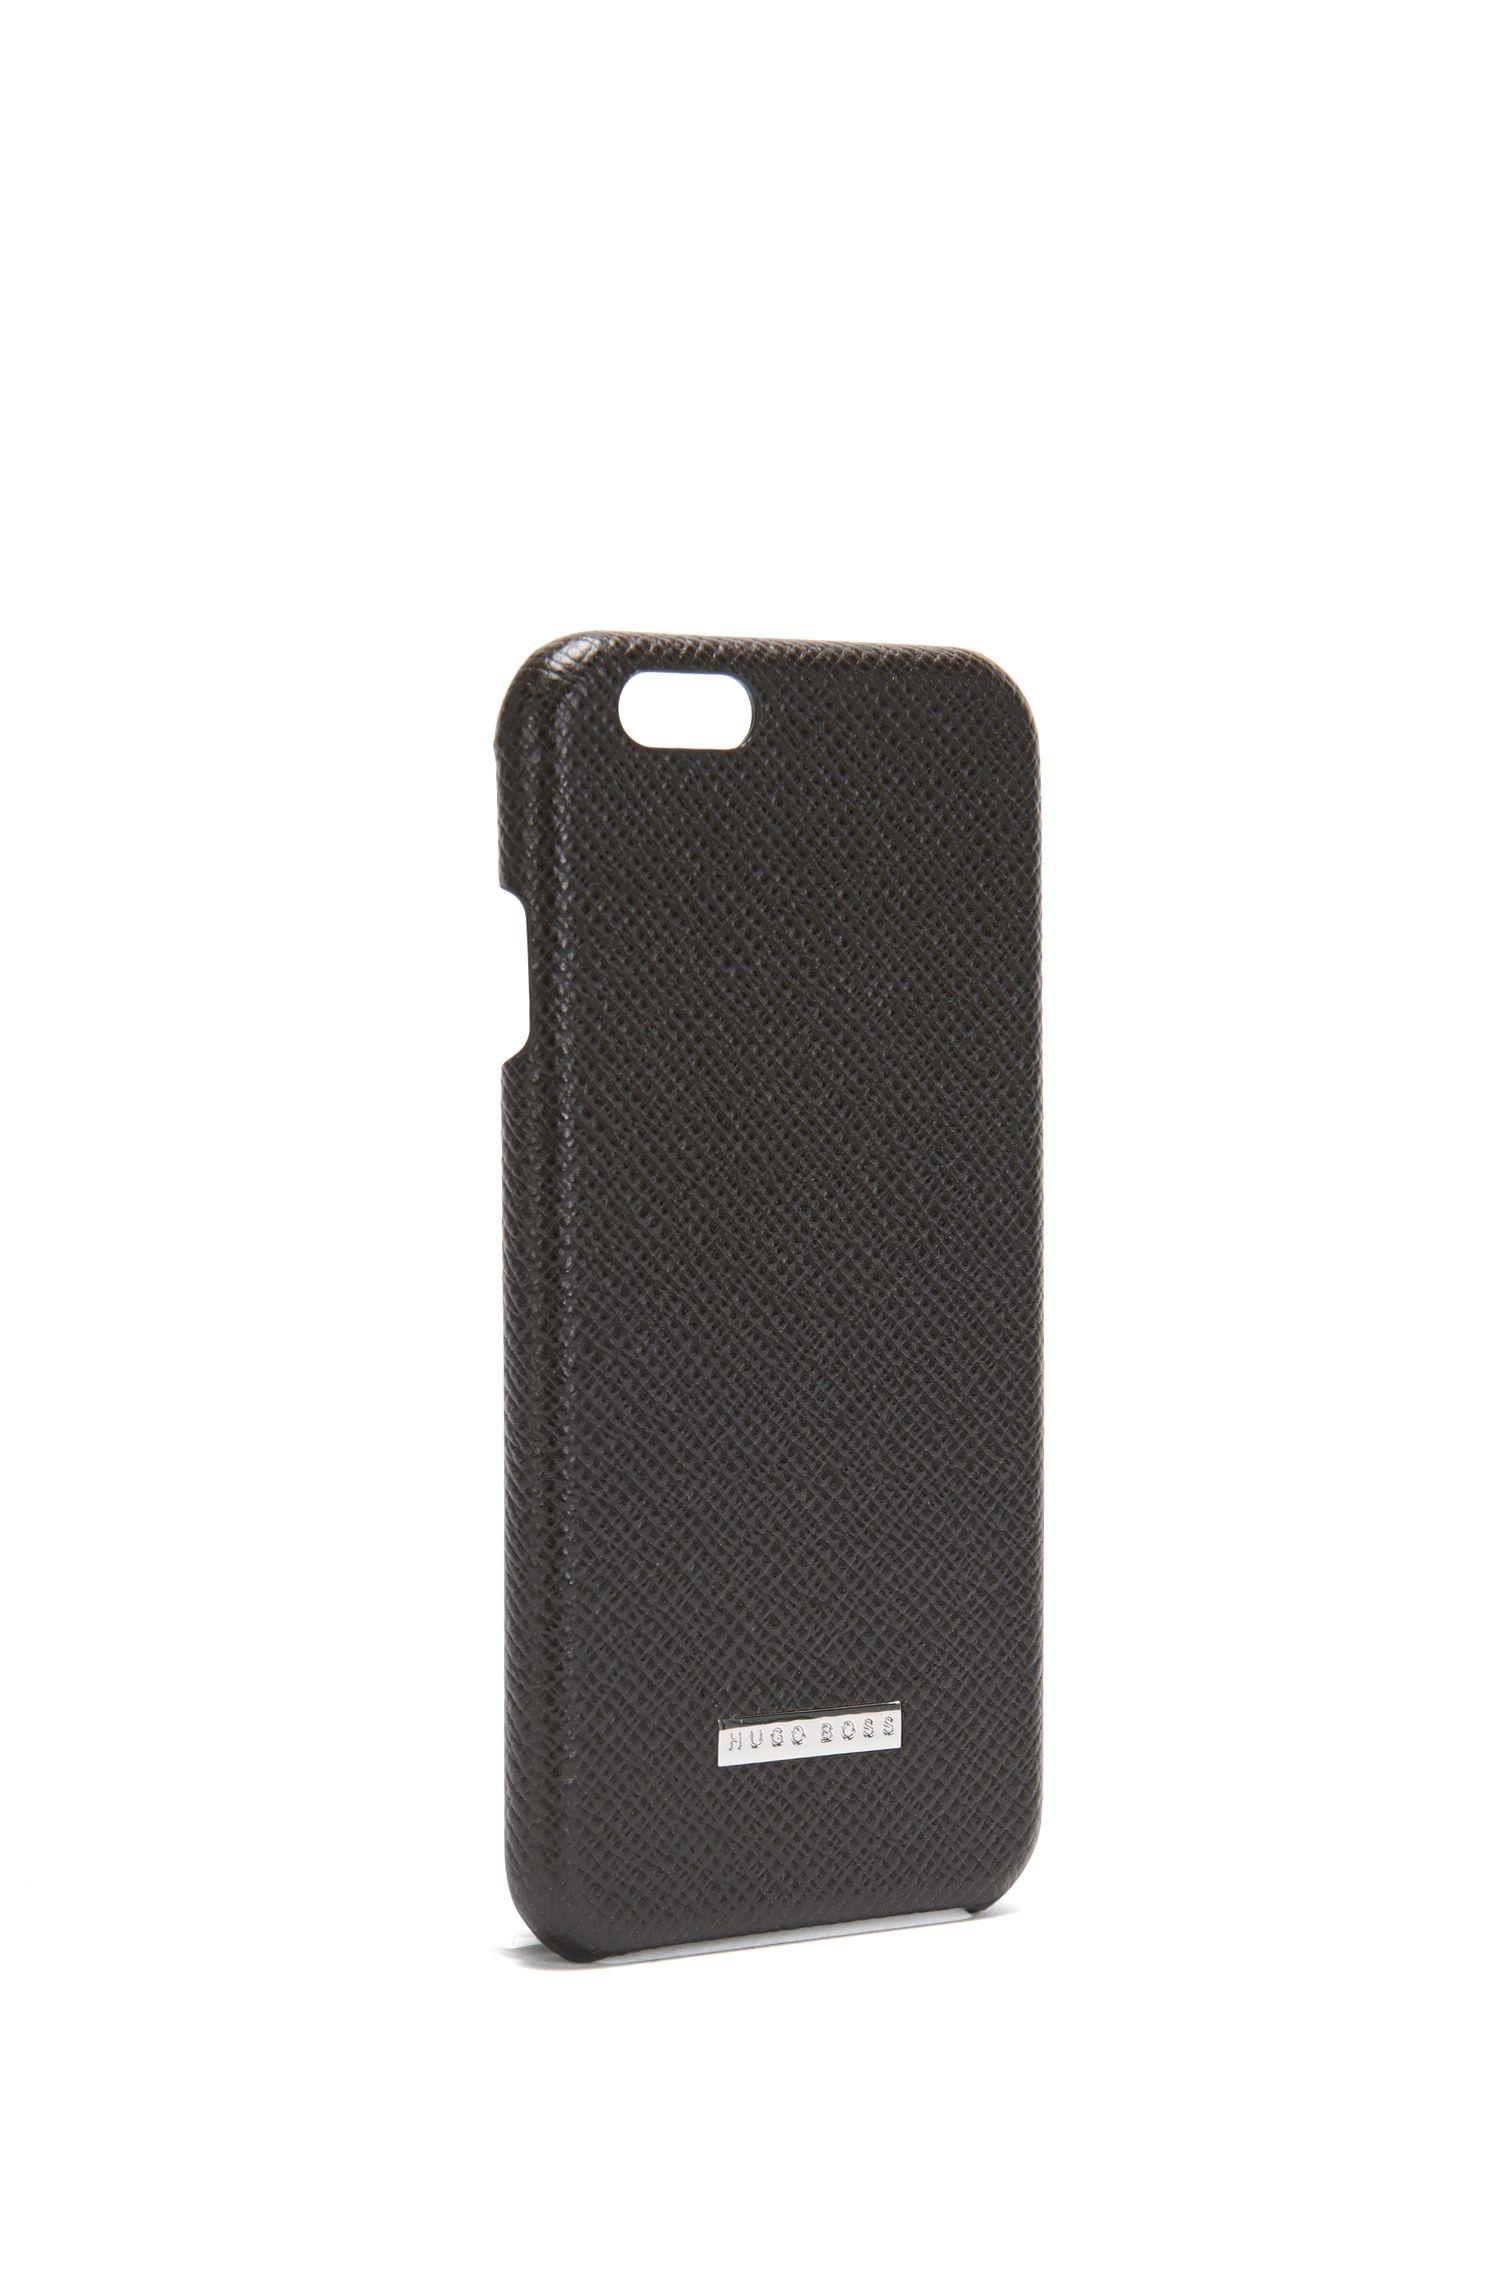 Signature Collection smartphone cover in palmellato leather